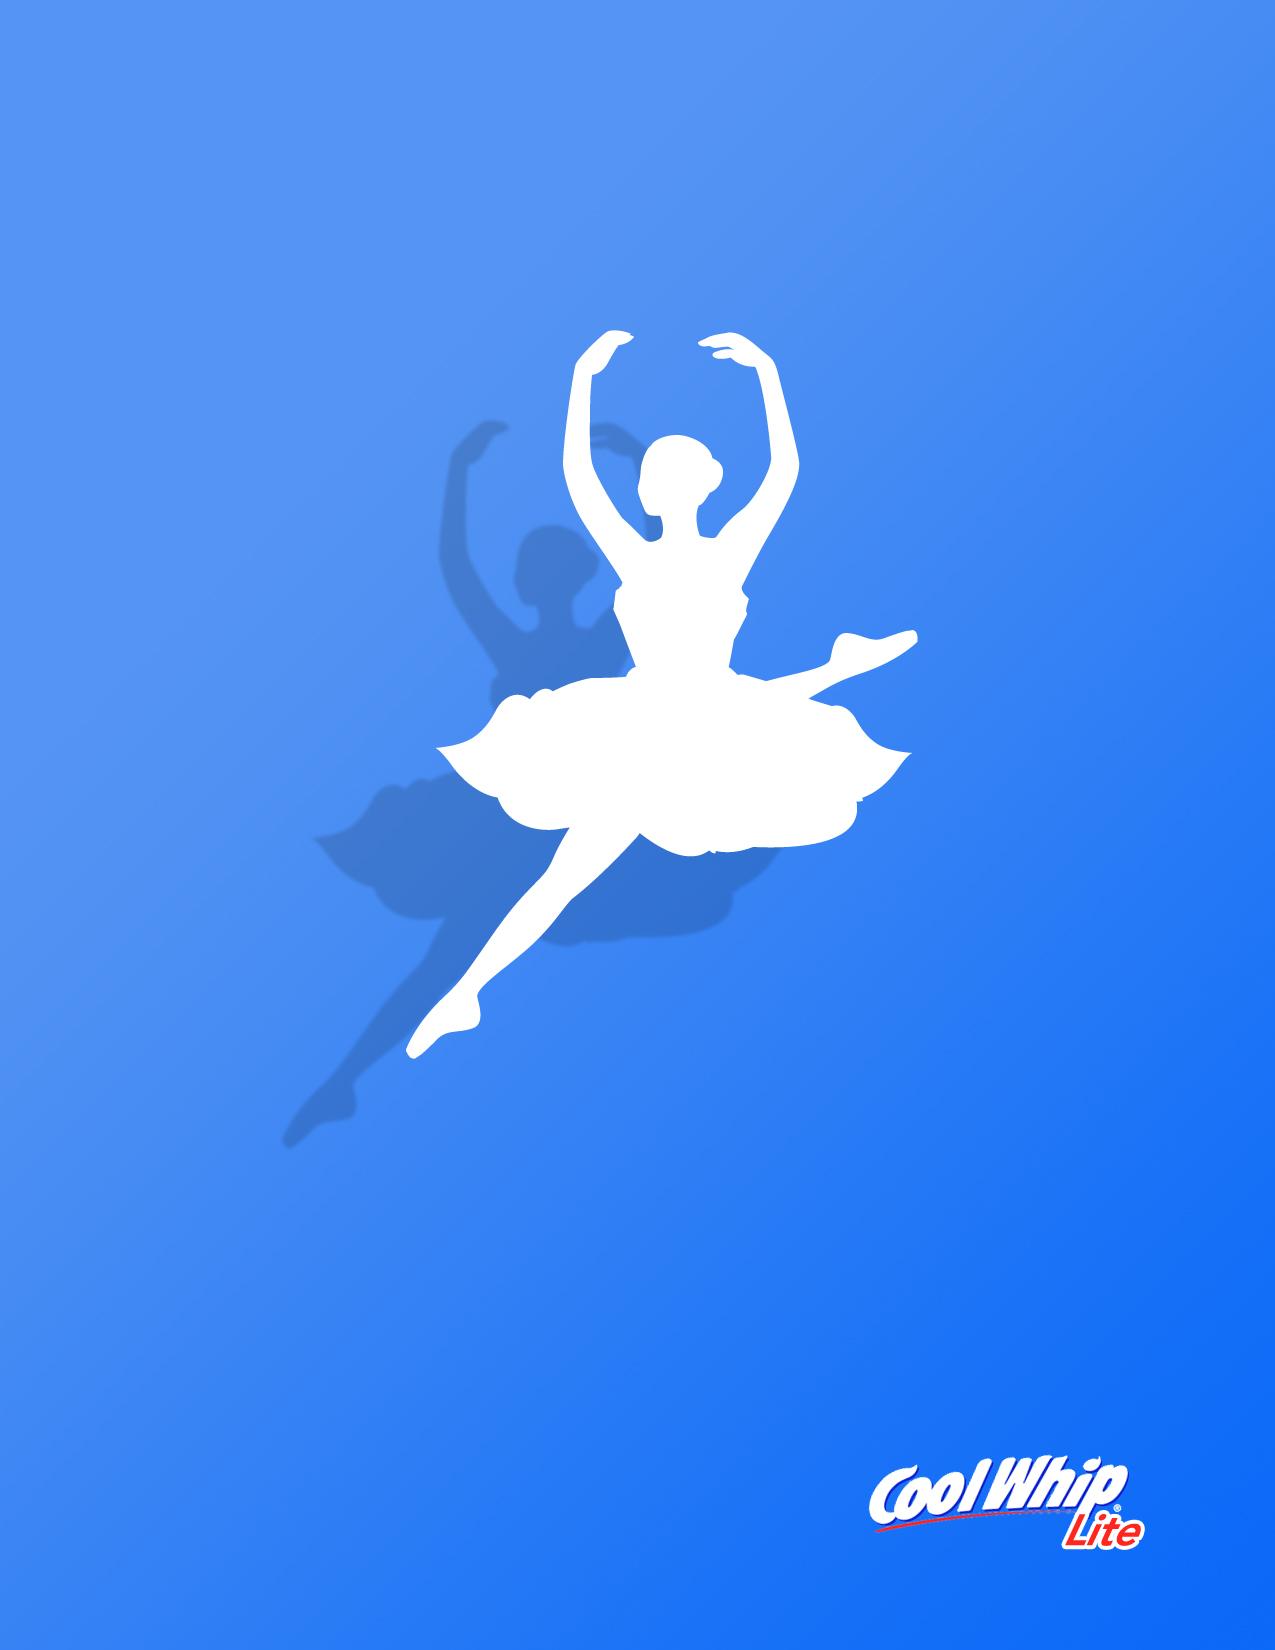 CoolWhip_ballerina.jpg